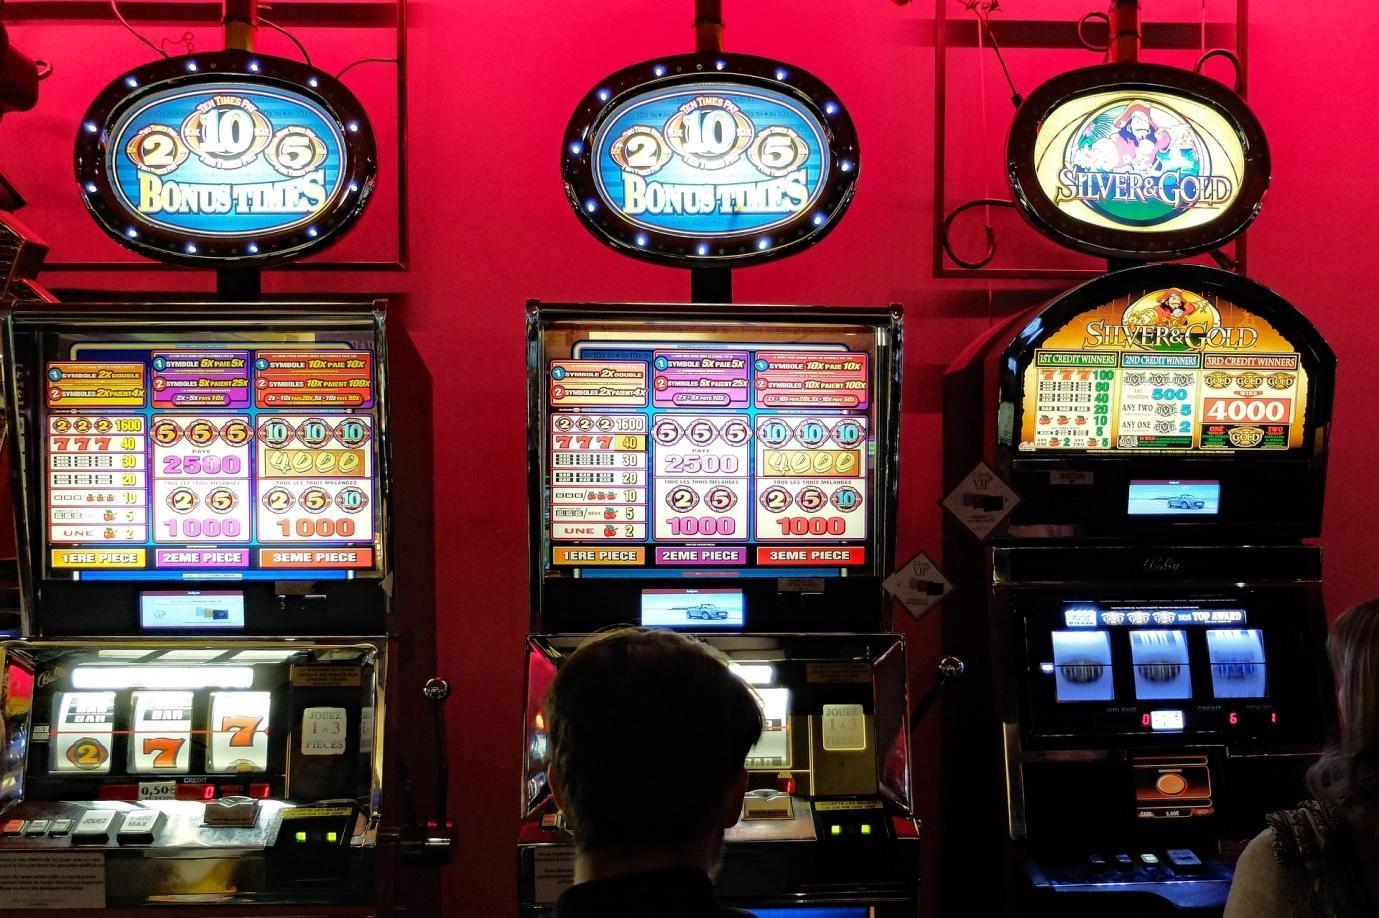 casino-3260387_1920.jpg